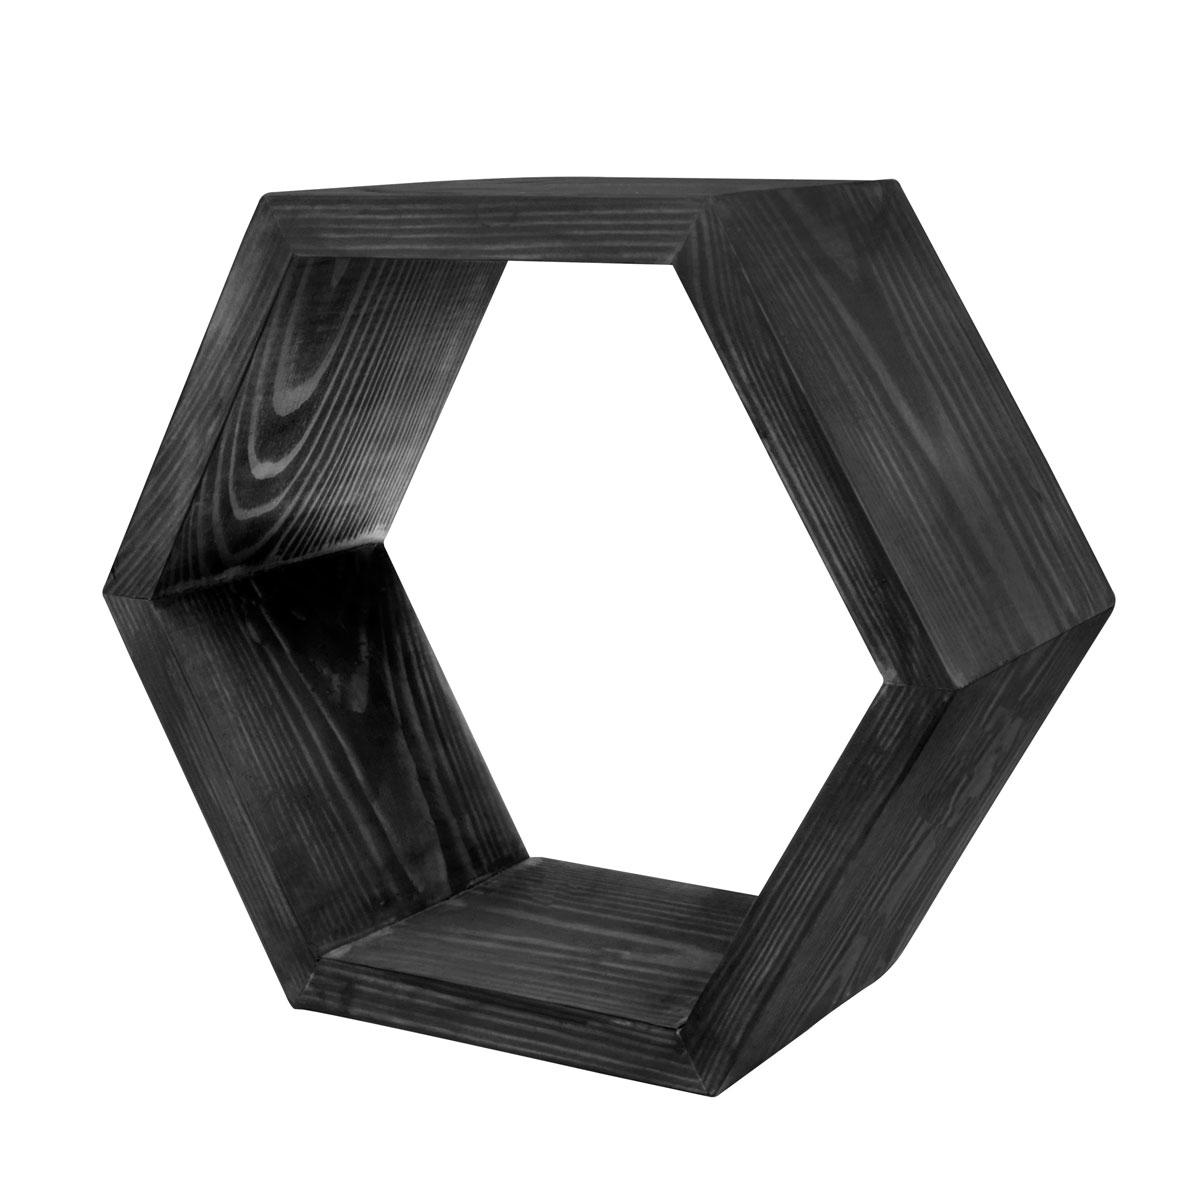 Декоративная полка EcoWoo 50 см, цвет: черныйDSH10NBОригинальные деревянные полки шестигранники. Отличное решение для декорирования комнаты. Несколько полок можно складывать в причудливые сочетания, ограниченные только вашей фантазией. Любой цвет и размер. Станьте креативными дизайнерами своего жилого пространства!